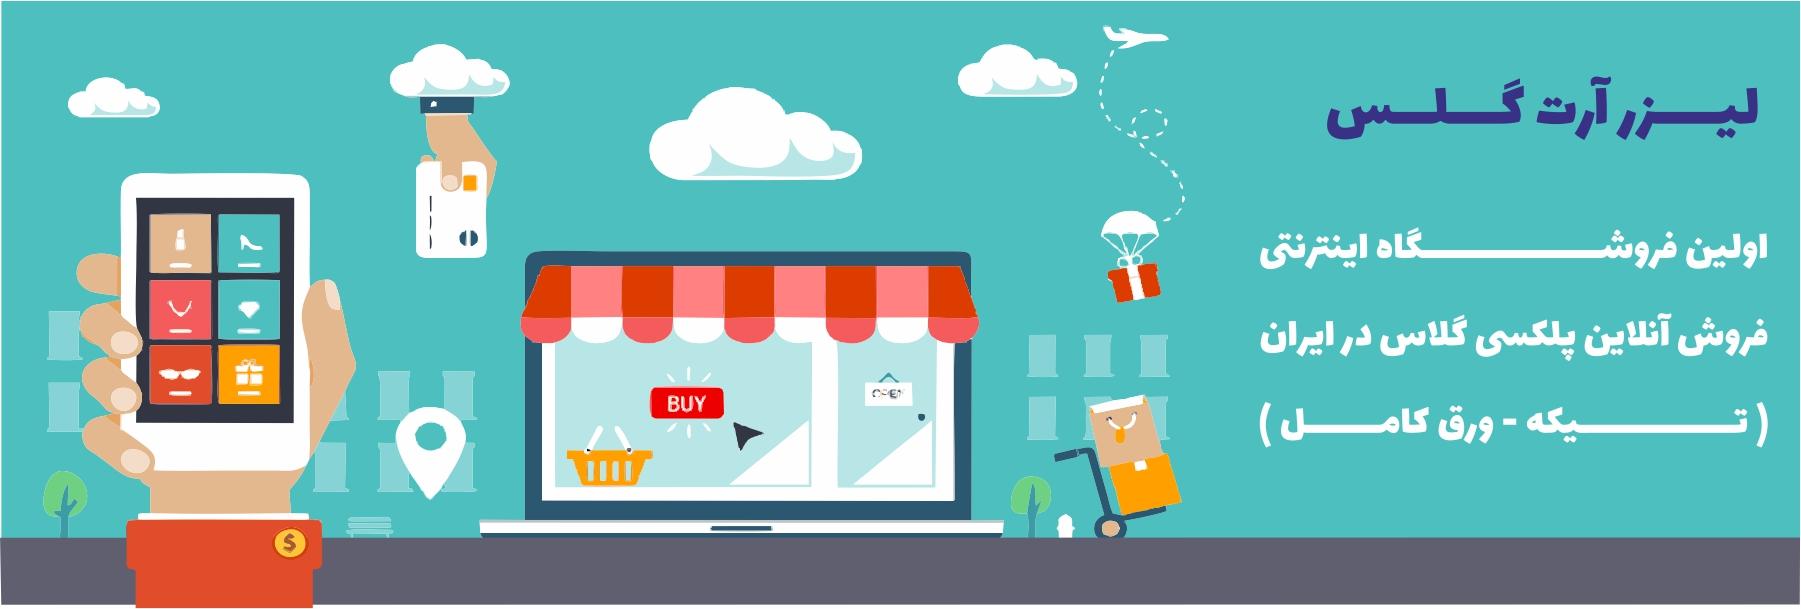 فروشگاه اینترنتی لیزر ارت گلس